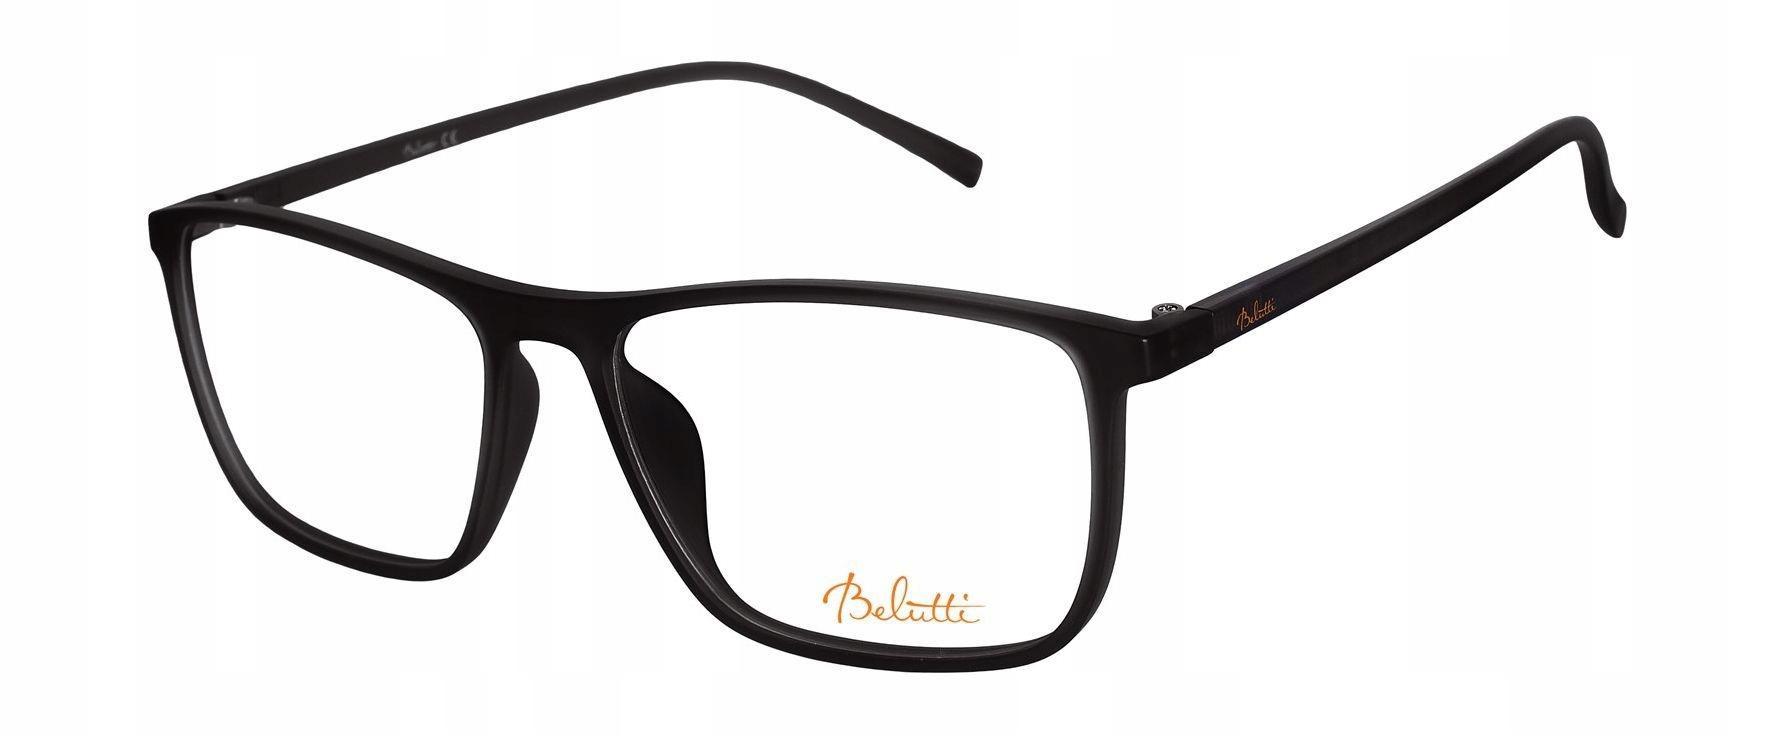 Okulary Belutti T1602 C1 4oczy_pl Oprawki